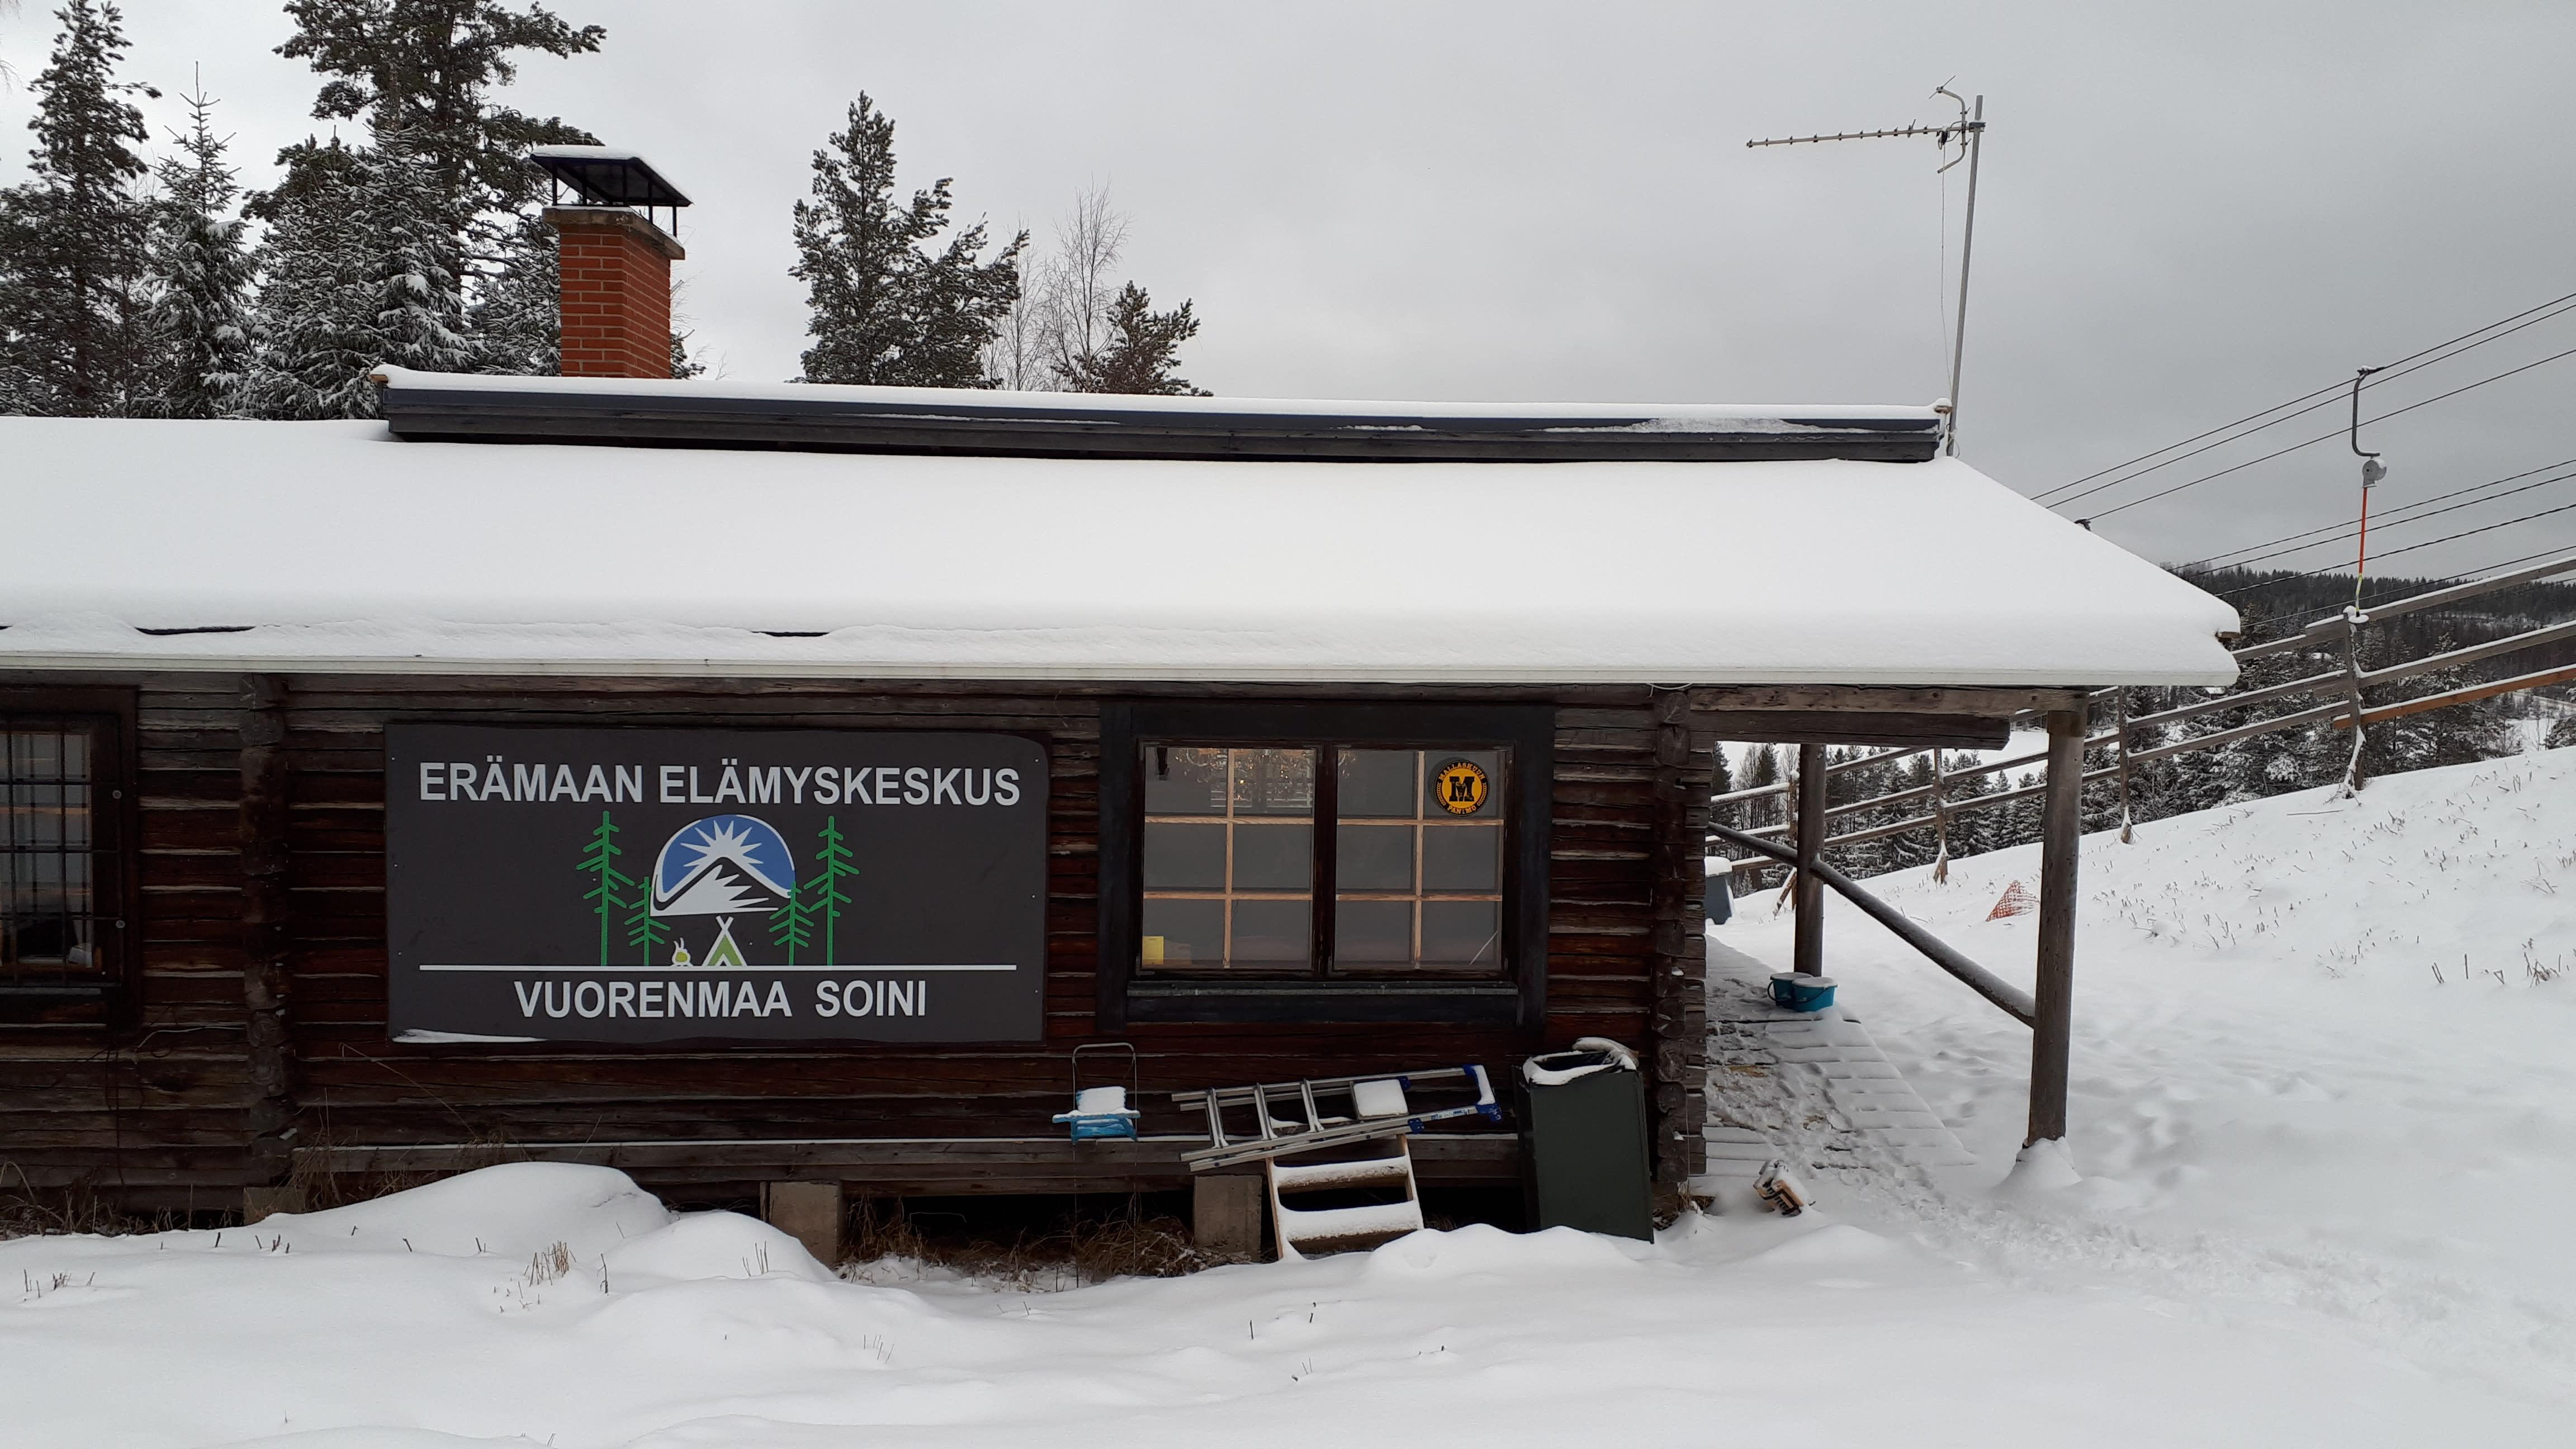 Soinin Vuorenmaata pyörittää tänä talvena Erämaan Elämyskeskus Oy.